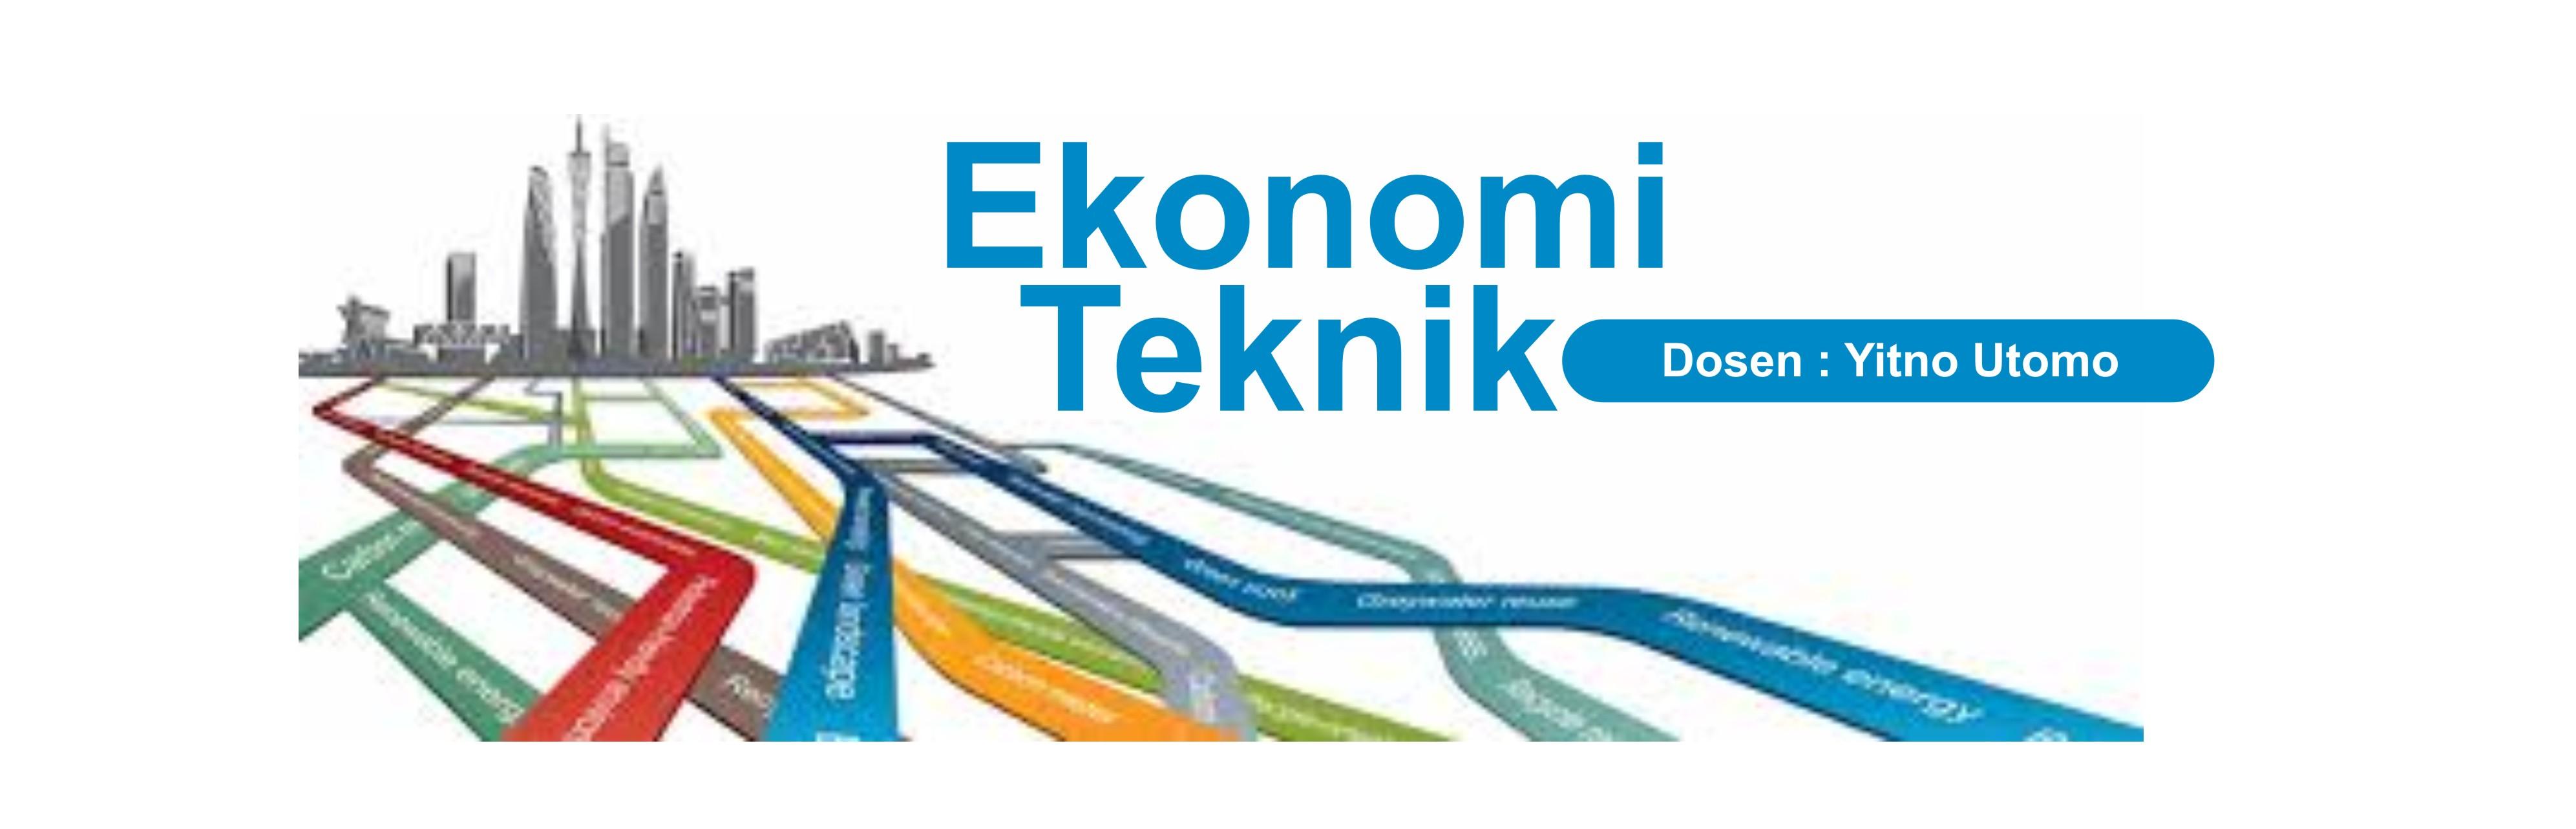 1.1 Ekonomi Teknik